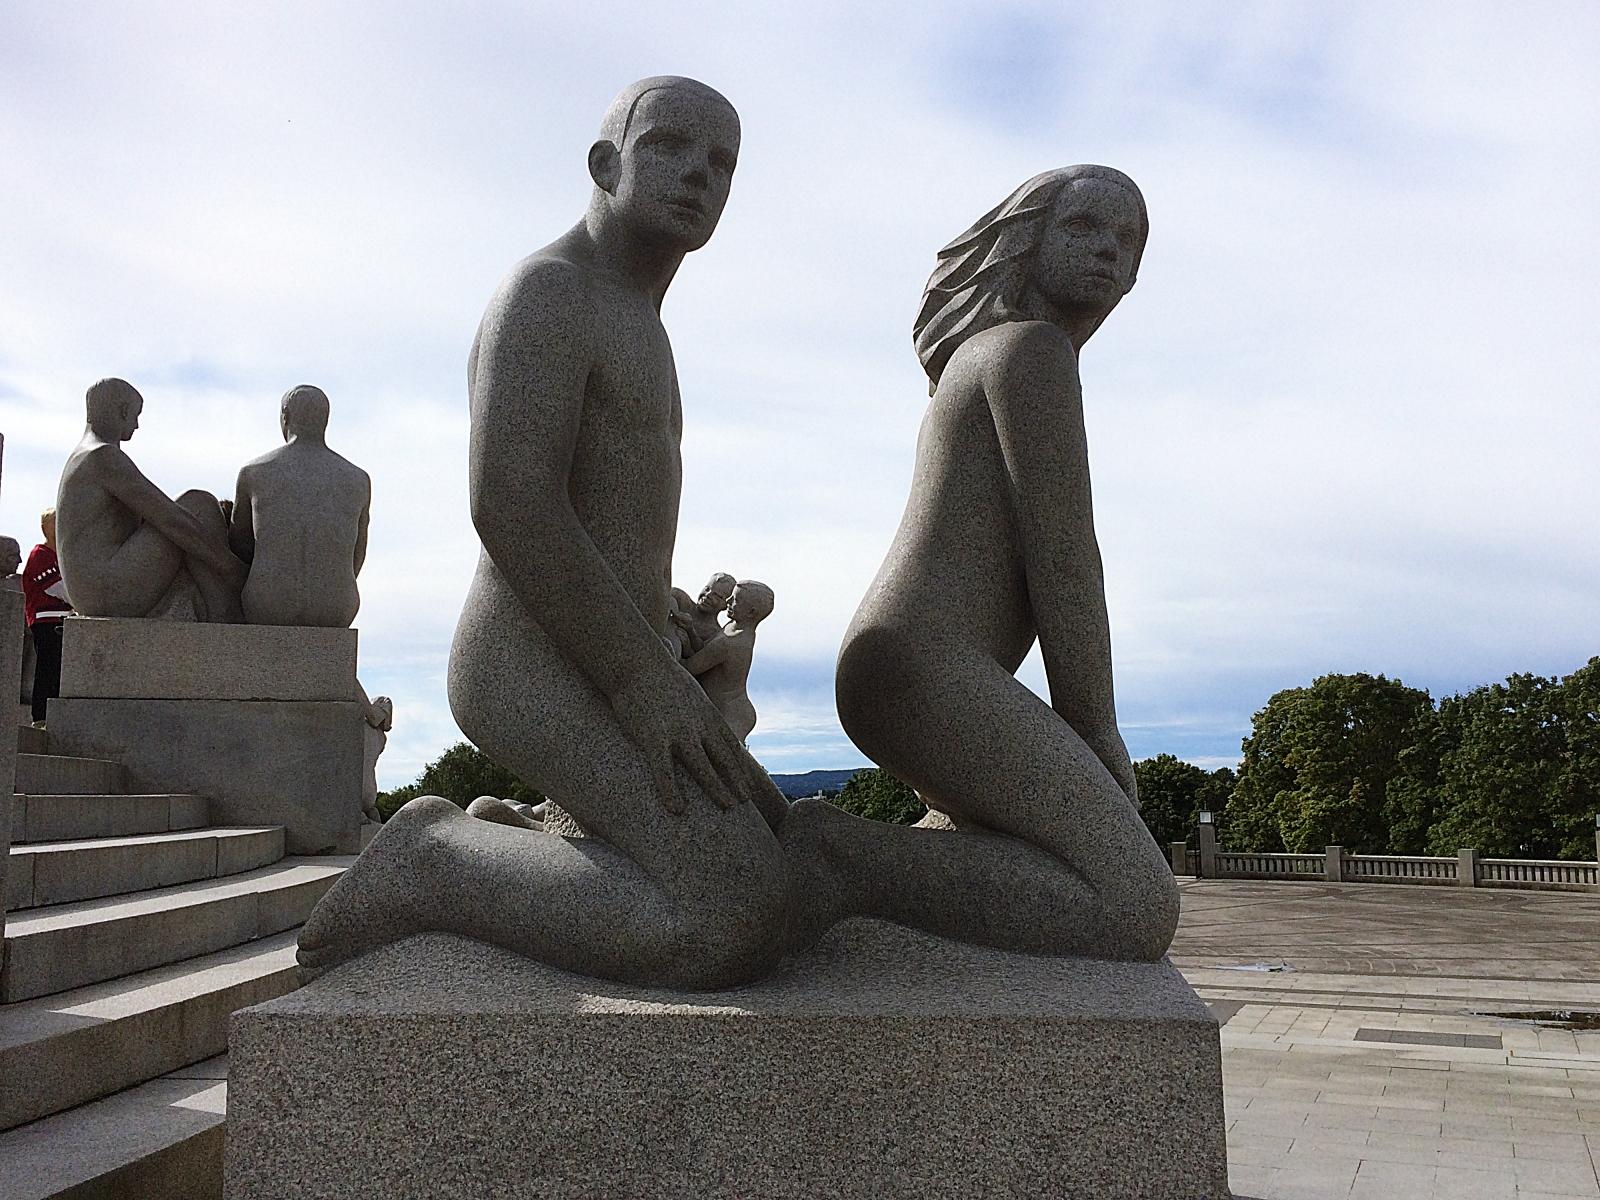 Frognerparken statues